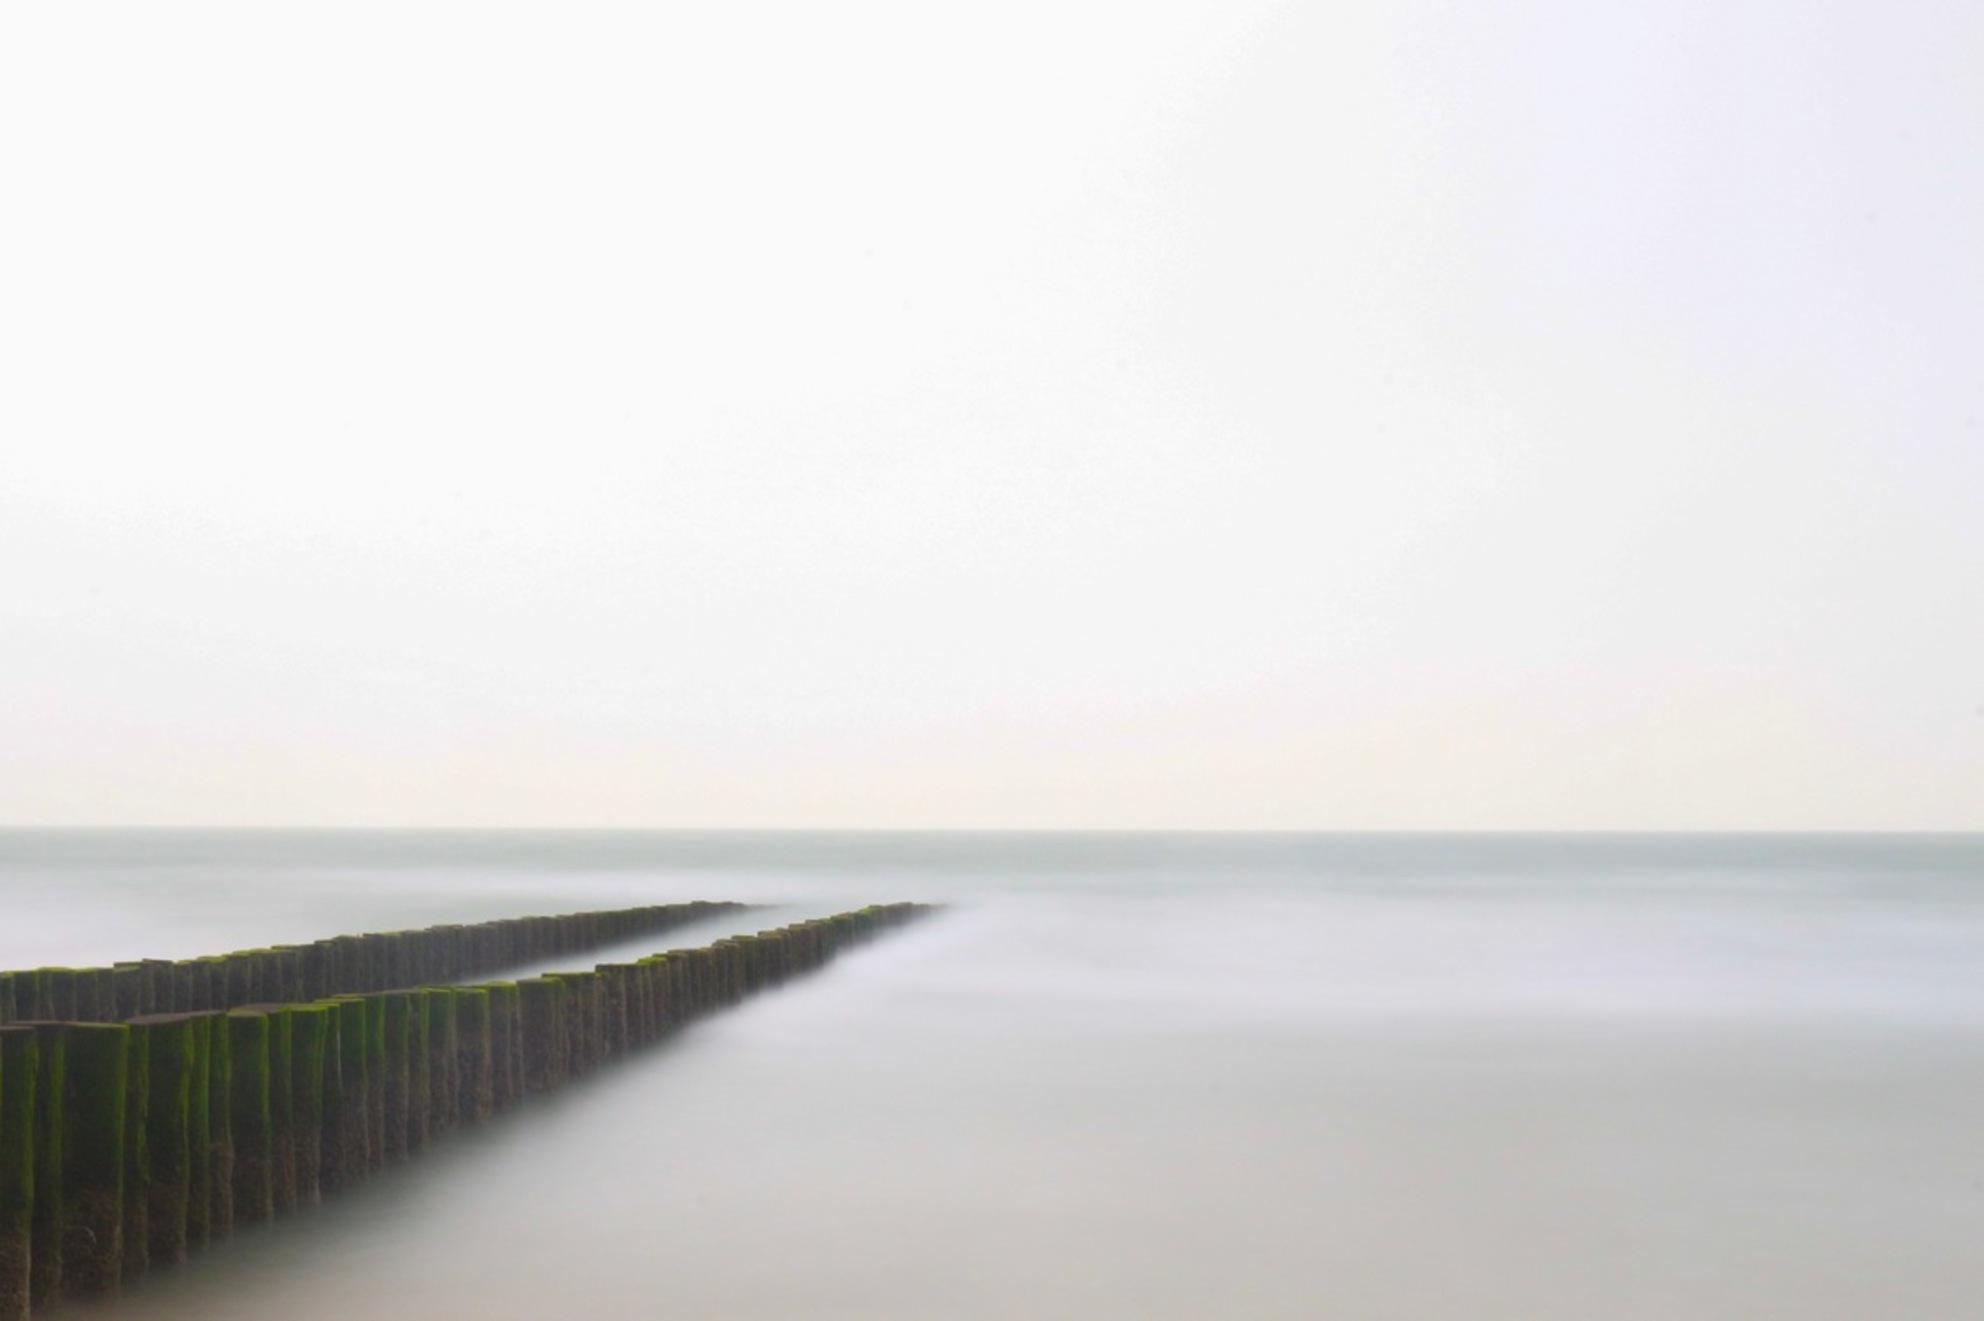 Stop the time (1/3) - - - foto door JNSSN op 03-04-2018 - deze foto bevat: strand, zee, water, landschap, zand, pier, zeeland, kust, nederland, westenschouwen, lange sluitertijd - Deze foto mag gebruikt worden in een Zoom.nl publicatie